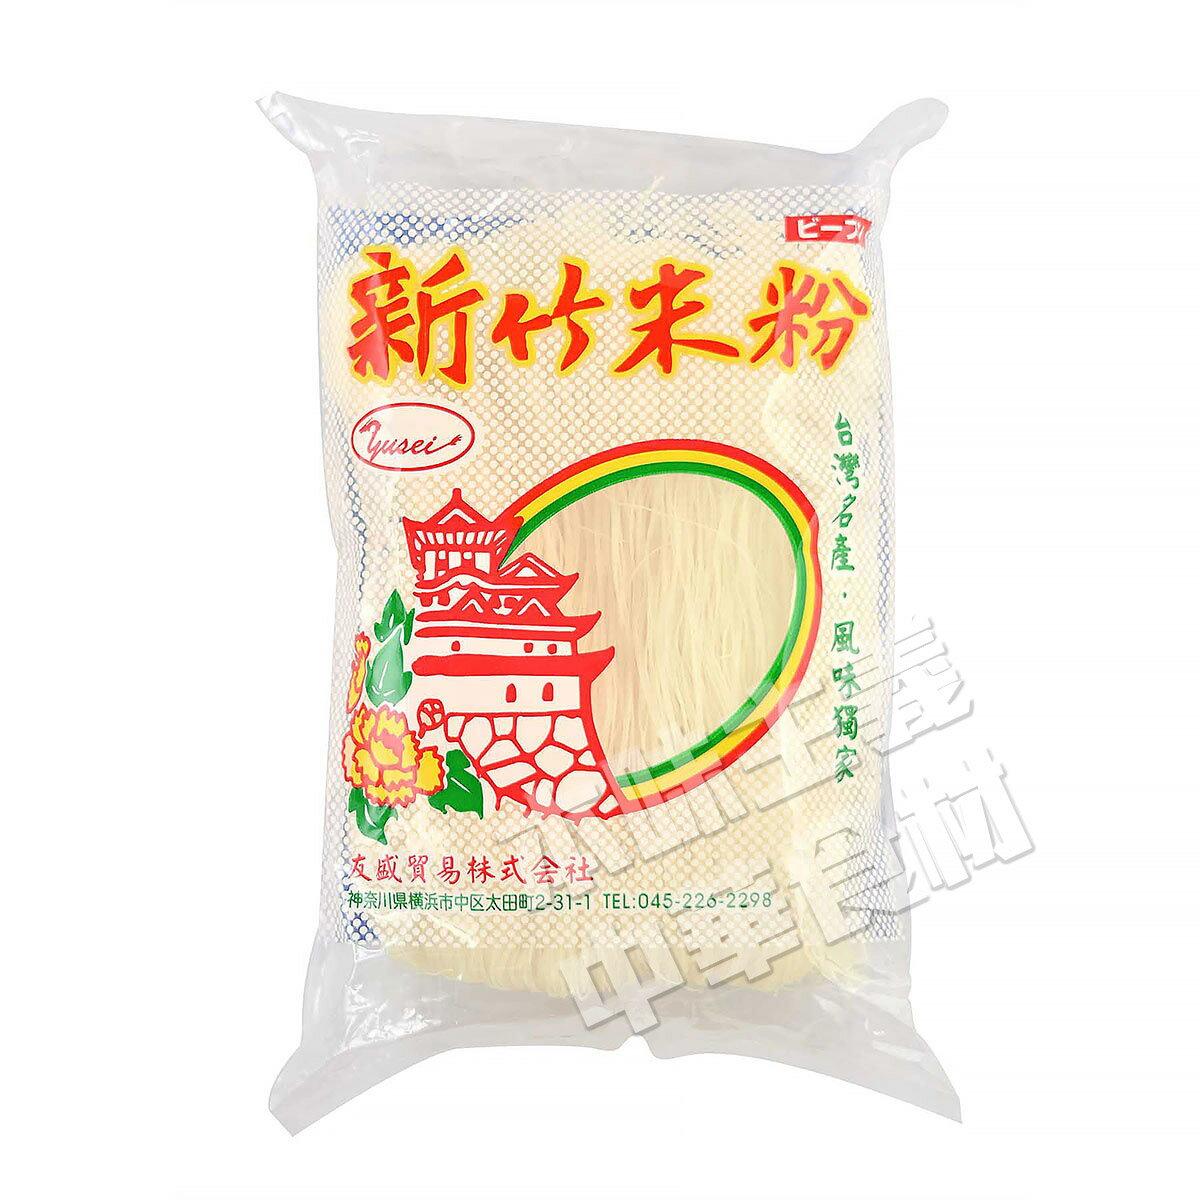 友盛台湾新竹伝統米粉(ビーフン)中華料理食材名物・台湾風味人気商品・台湾名産